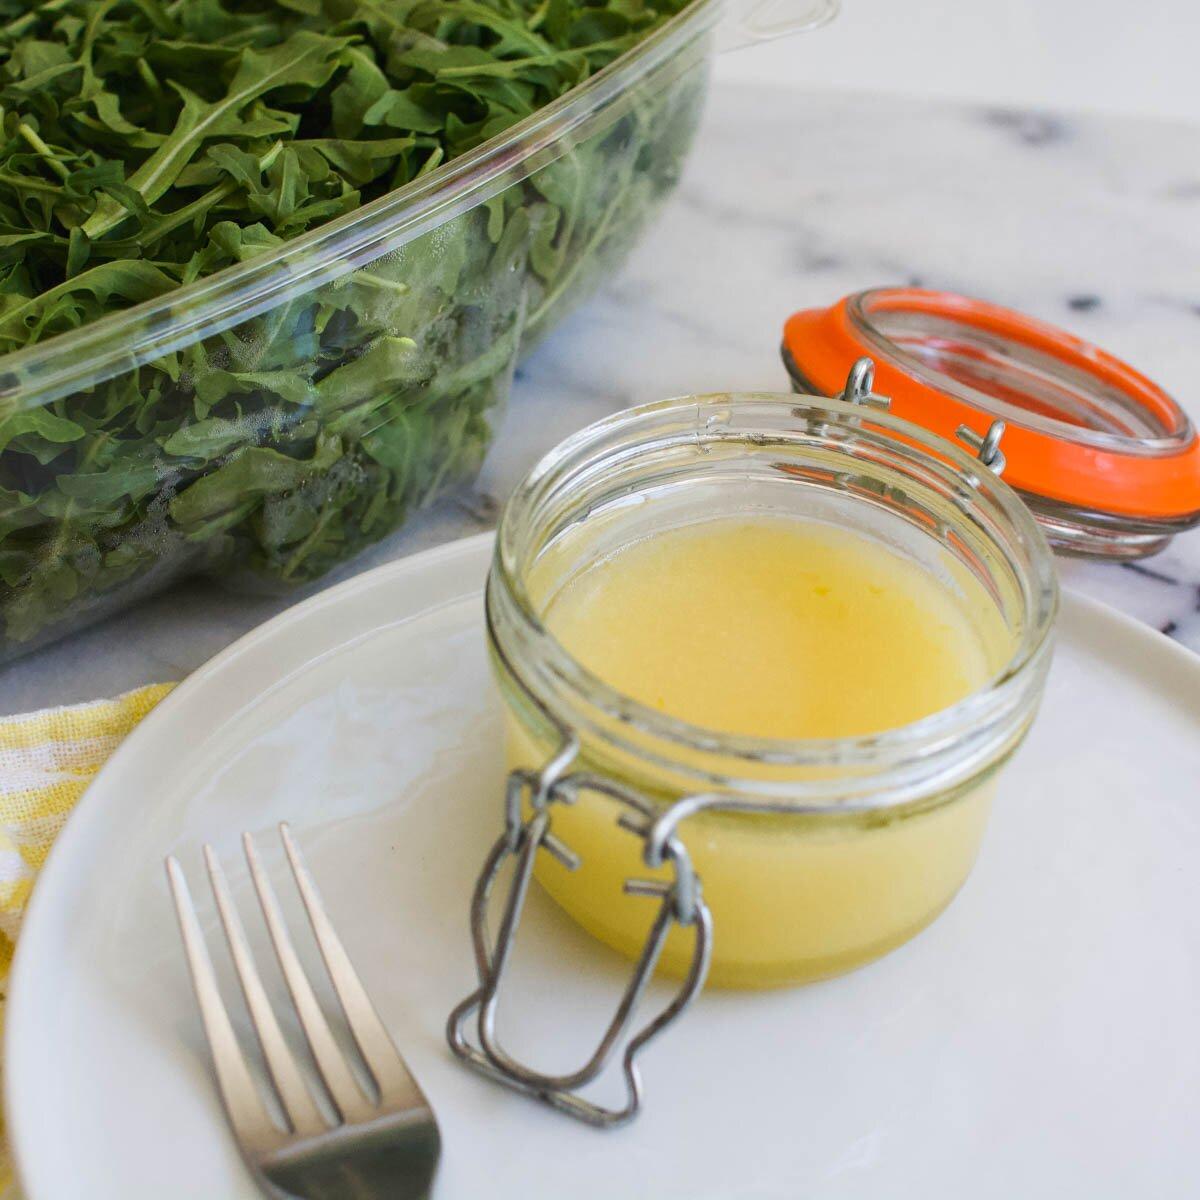 citrus basil vinaigrette recipe